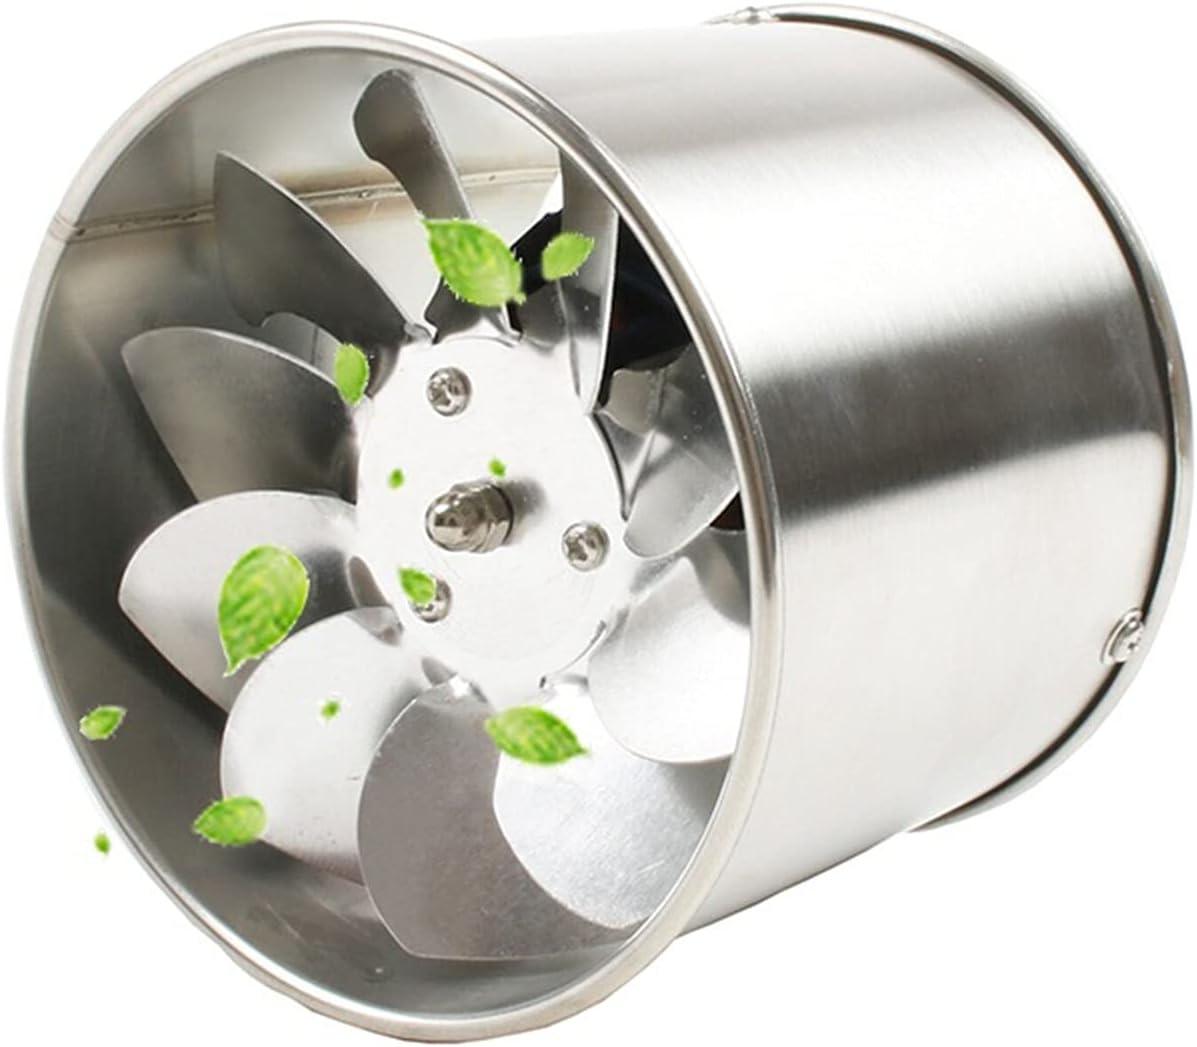 zlw-shop 4 Pulgadas de Acero Inoxidable Tubo de Escape Ventilador de Escape de ventilación ventilación ventilación Ventilador de la Cocina Ventilador con la Cubierta Booster Extractor 100mm